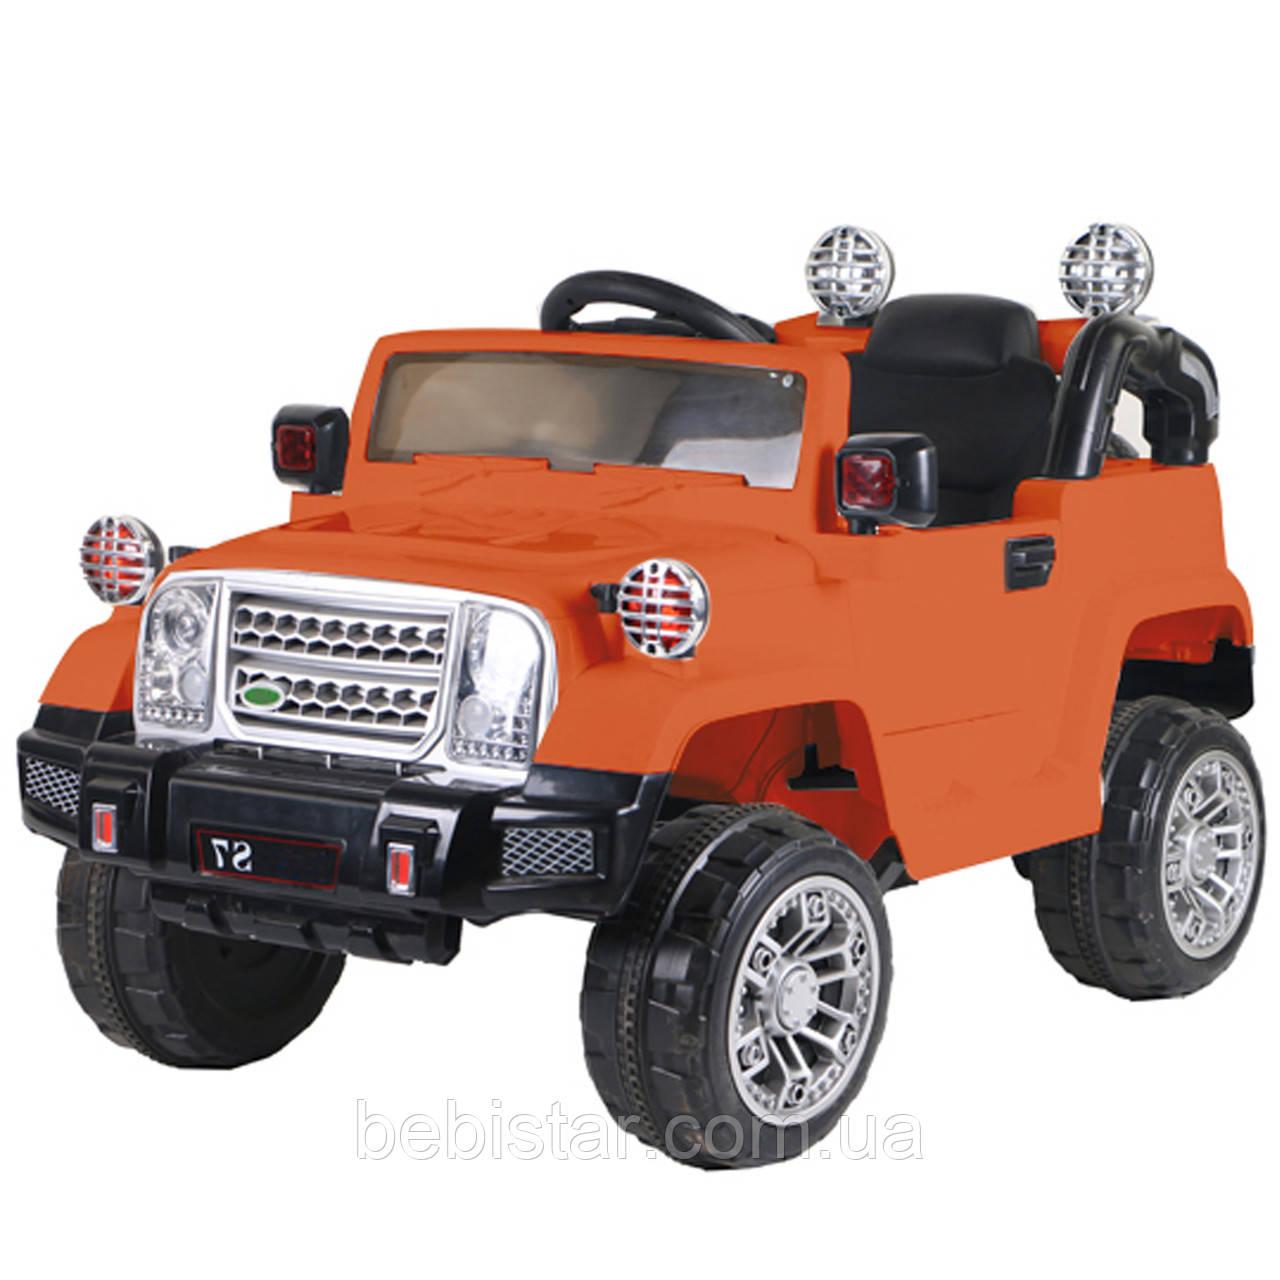 Электромобиль Джип детский оранжевый от 3-х до 8-ми лет с пультом мотор 2*20W батарея 2*6V4.5AH